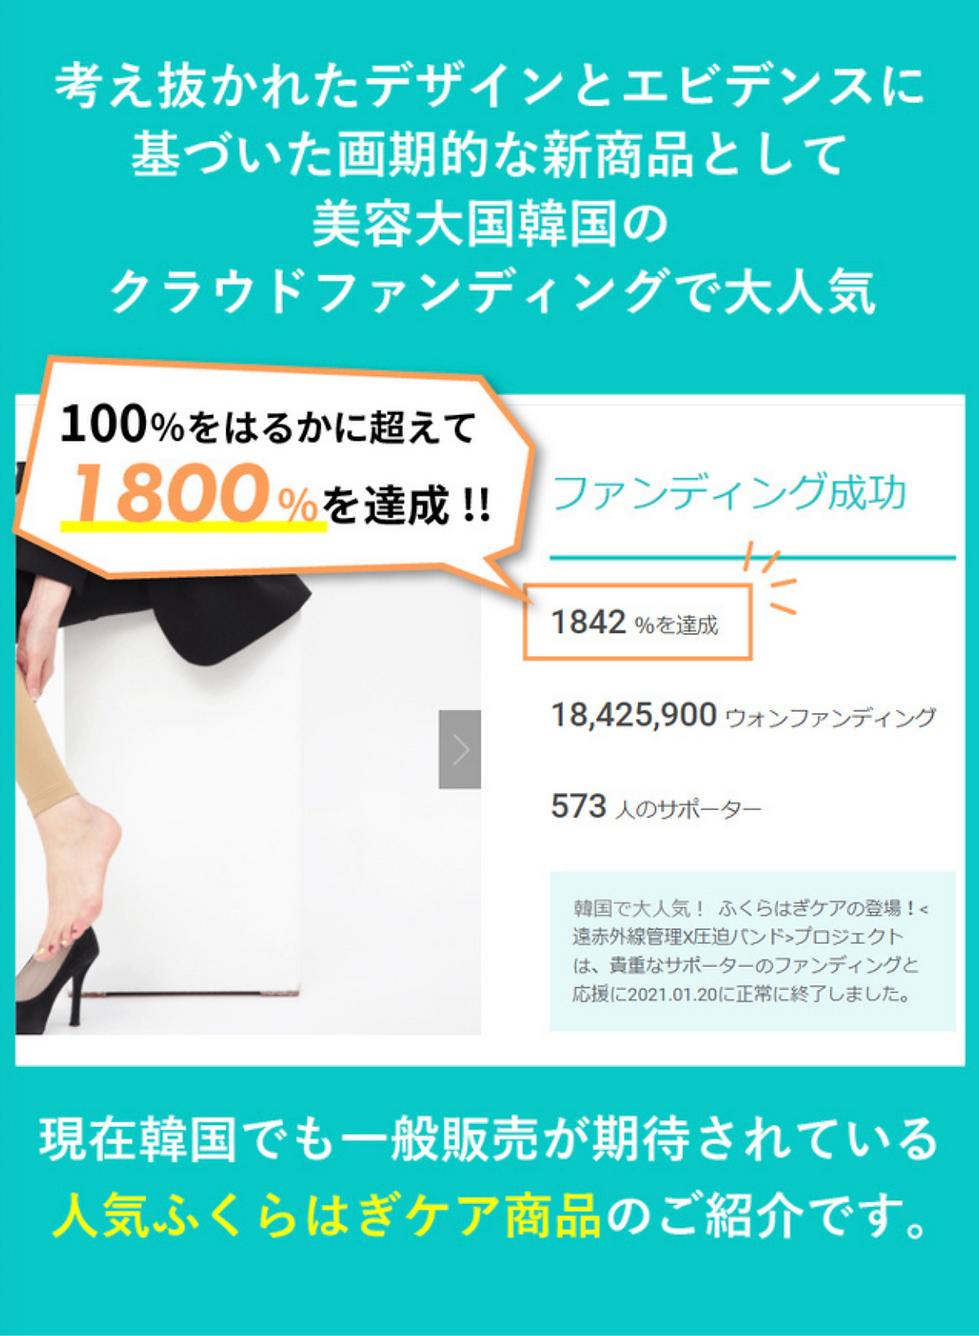 スクリーンショット 2021-05-11 15.38.50.png